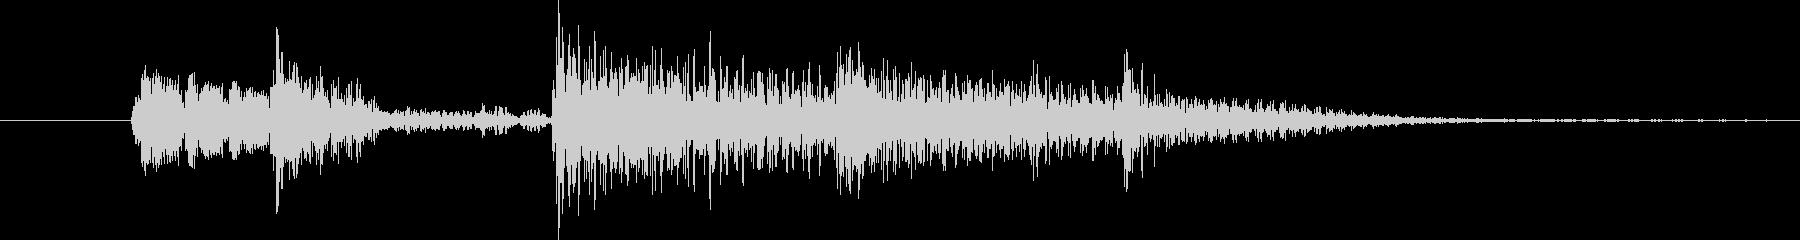 典型的なジャズ(5秒以内)の未再生の波形